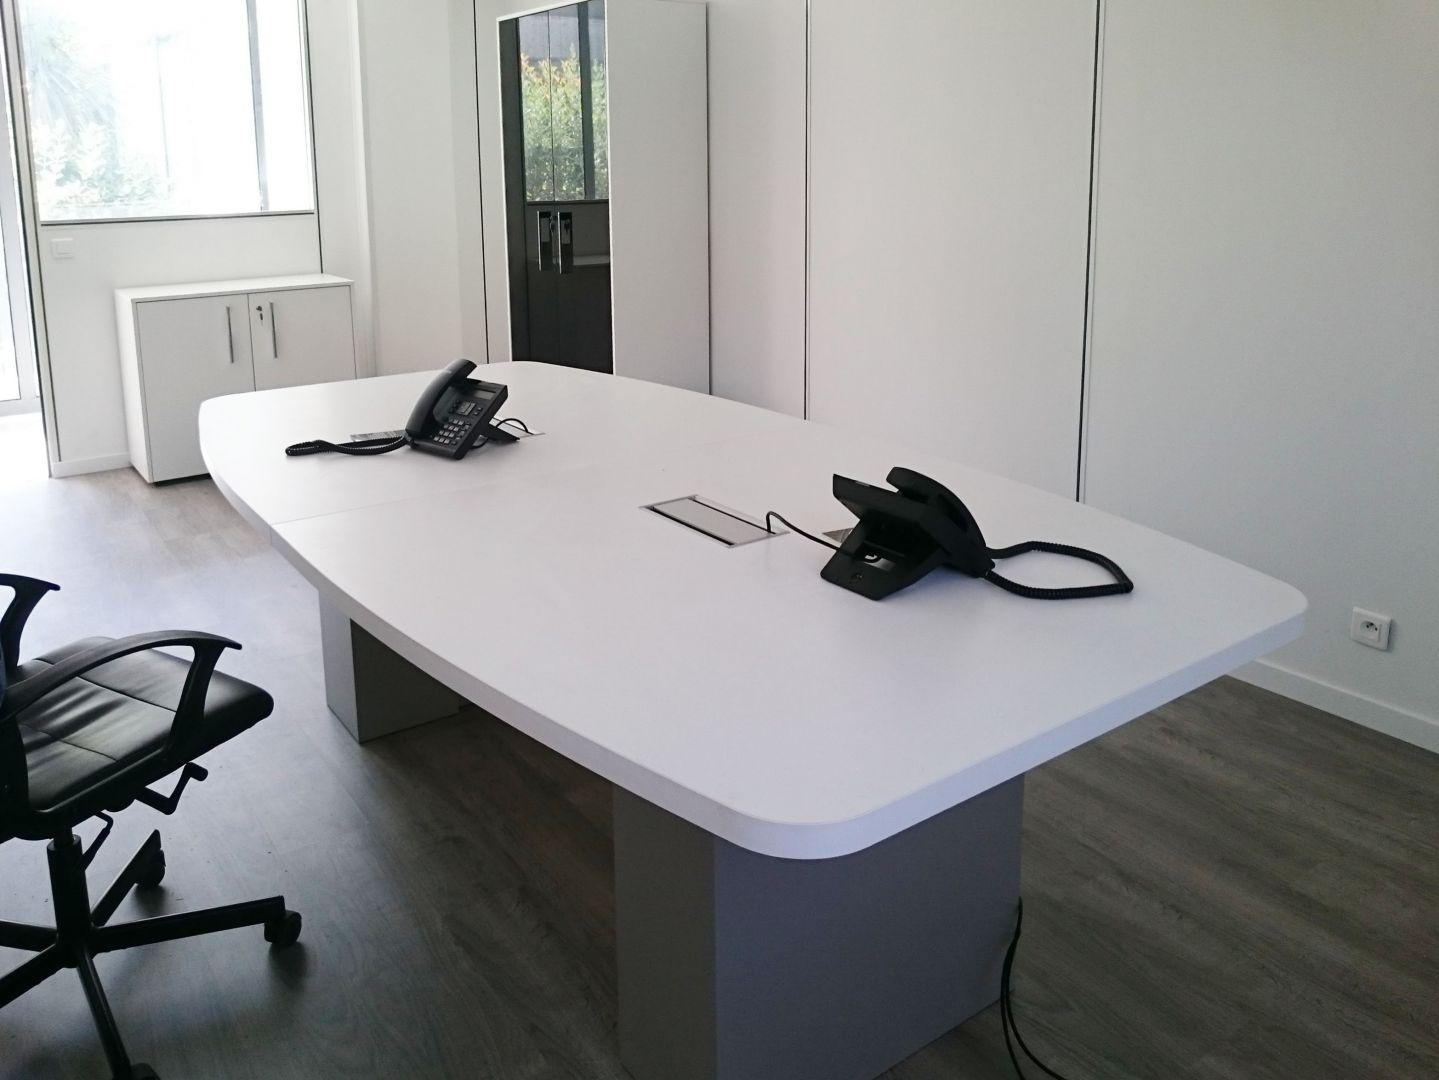 Table De Réunion Pour 6 Personnes à Aix En Provence Aix En b590a657fe30